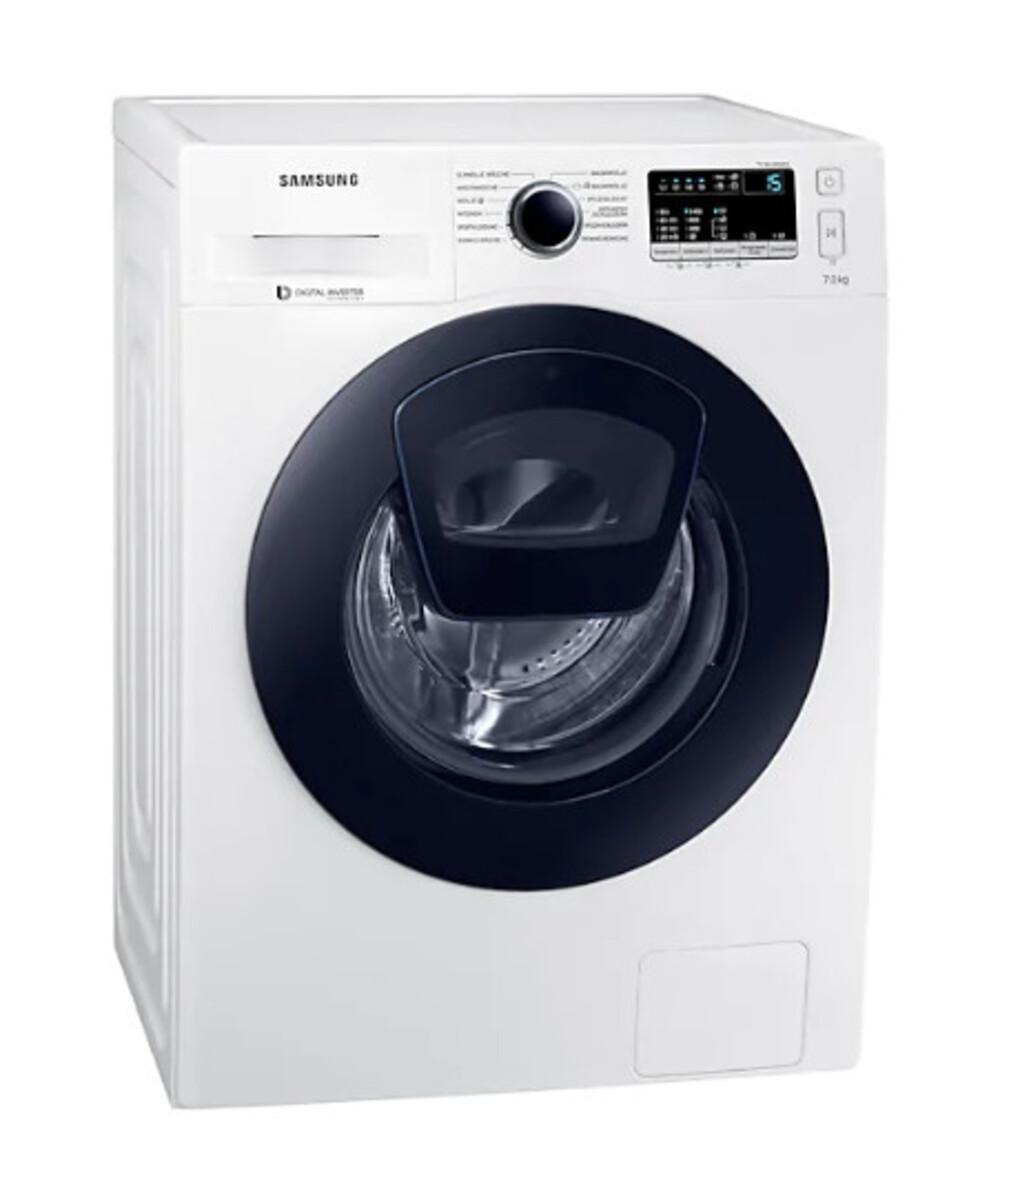 Bild 5 von Samsung Waschmaschine WW4500 WW70K44205W/EG (Energieeffizienzklasse A+++, 7 kg, 1.400 U/min, Diamond Pflegetrommel, Smart Check, weiß, Frontlader)